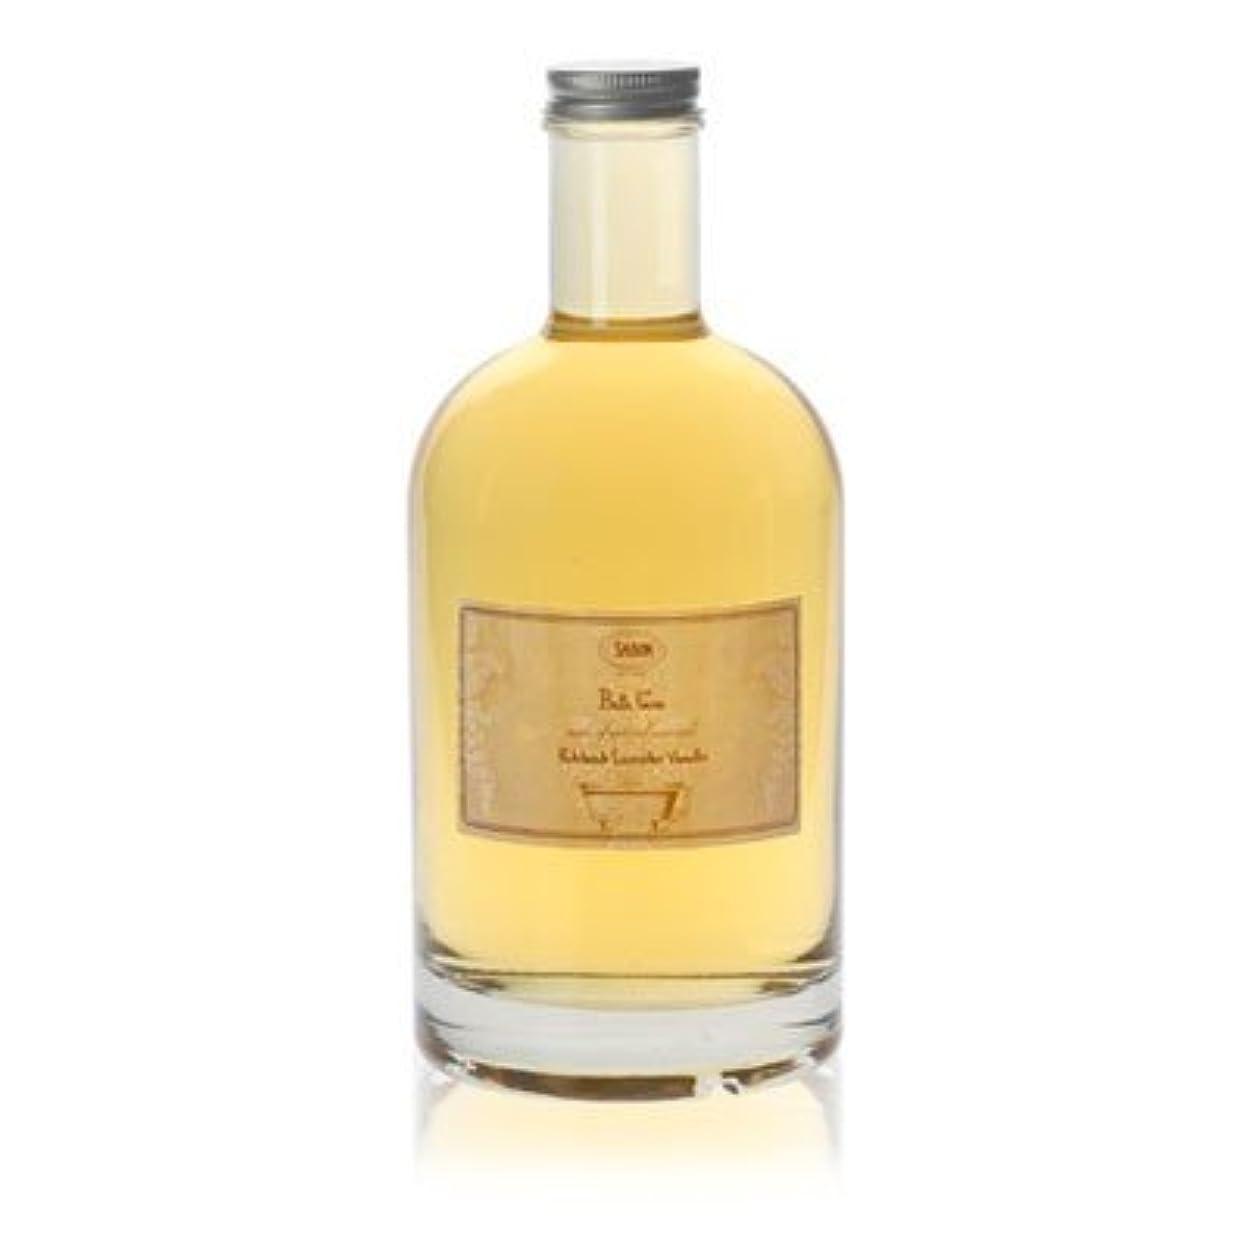 適用する乳追加【SABON(サボン)】Bath Foam Patchouli Lavender Vanilla バス フォーム パチョリ ラベンダー バニラ